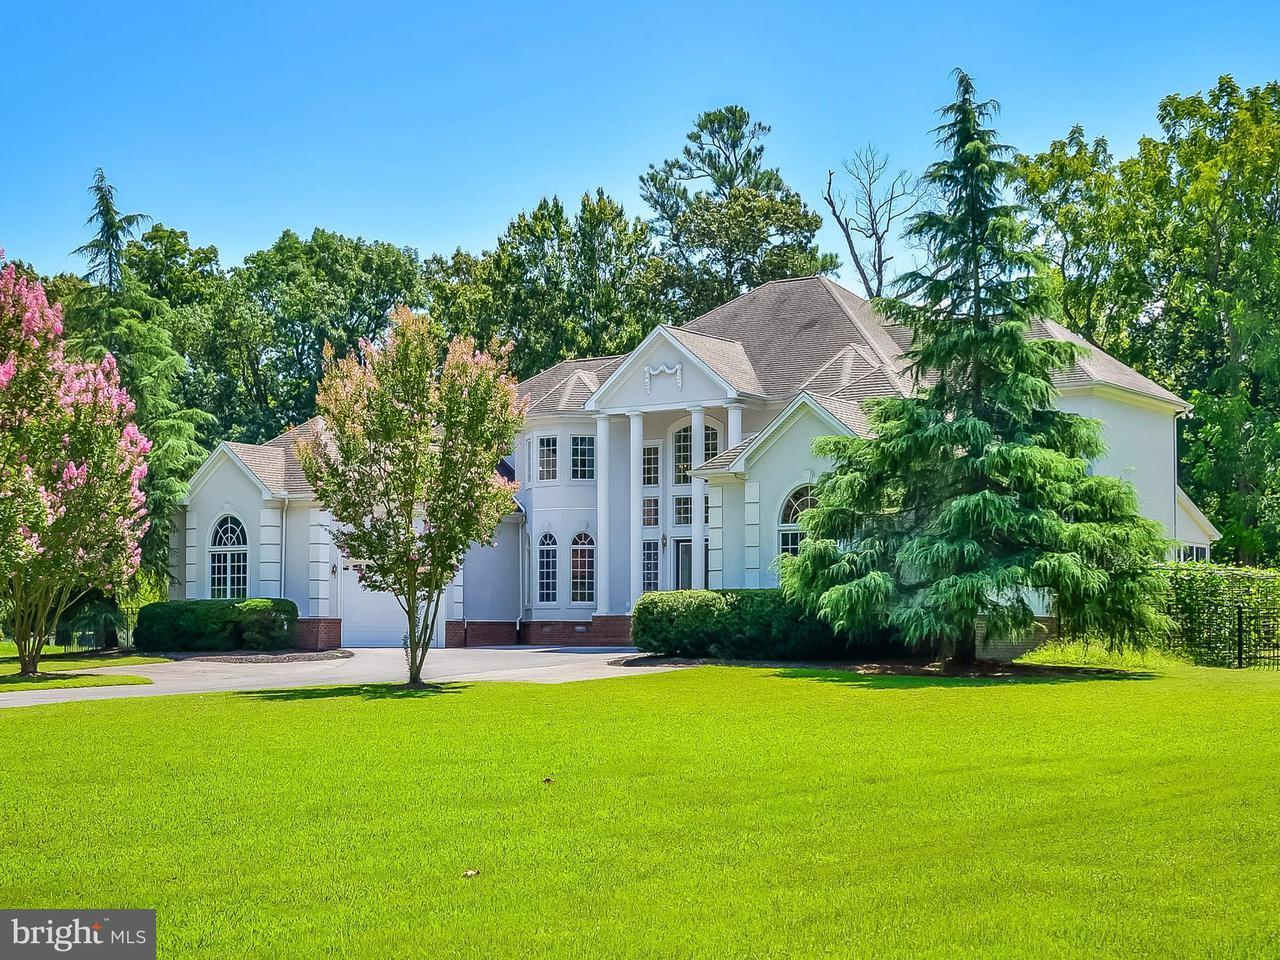 Maison unifamiliale pour l Vente à 1406 BELL ISLAND Trail 1406 BELL ISLAND Trail Salisbury, Maryland 21801 États-Unis